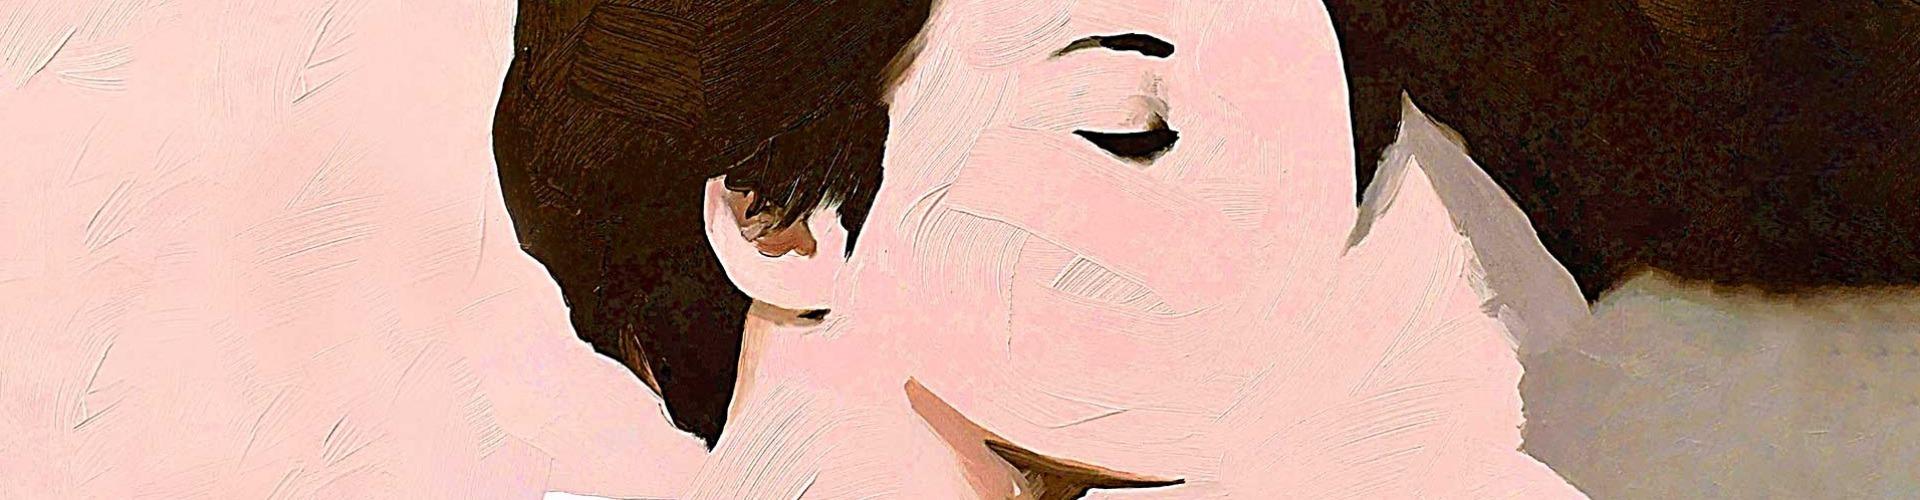 Csók vagy szerelem?